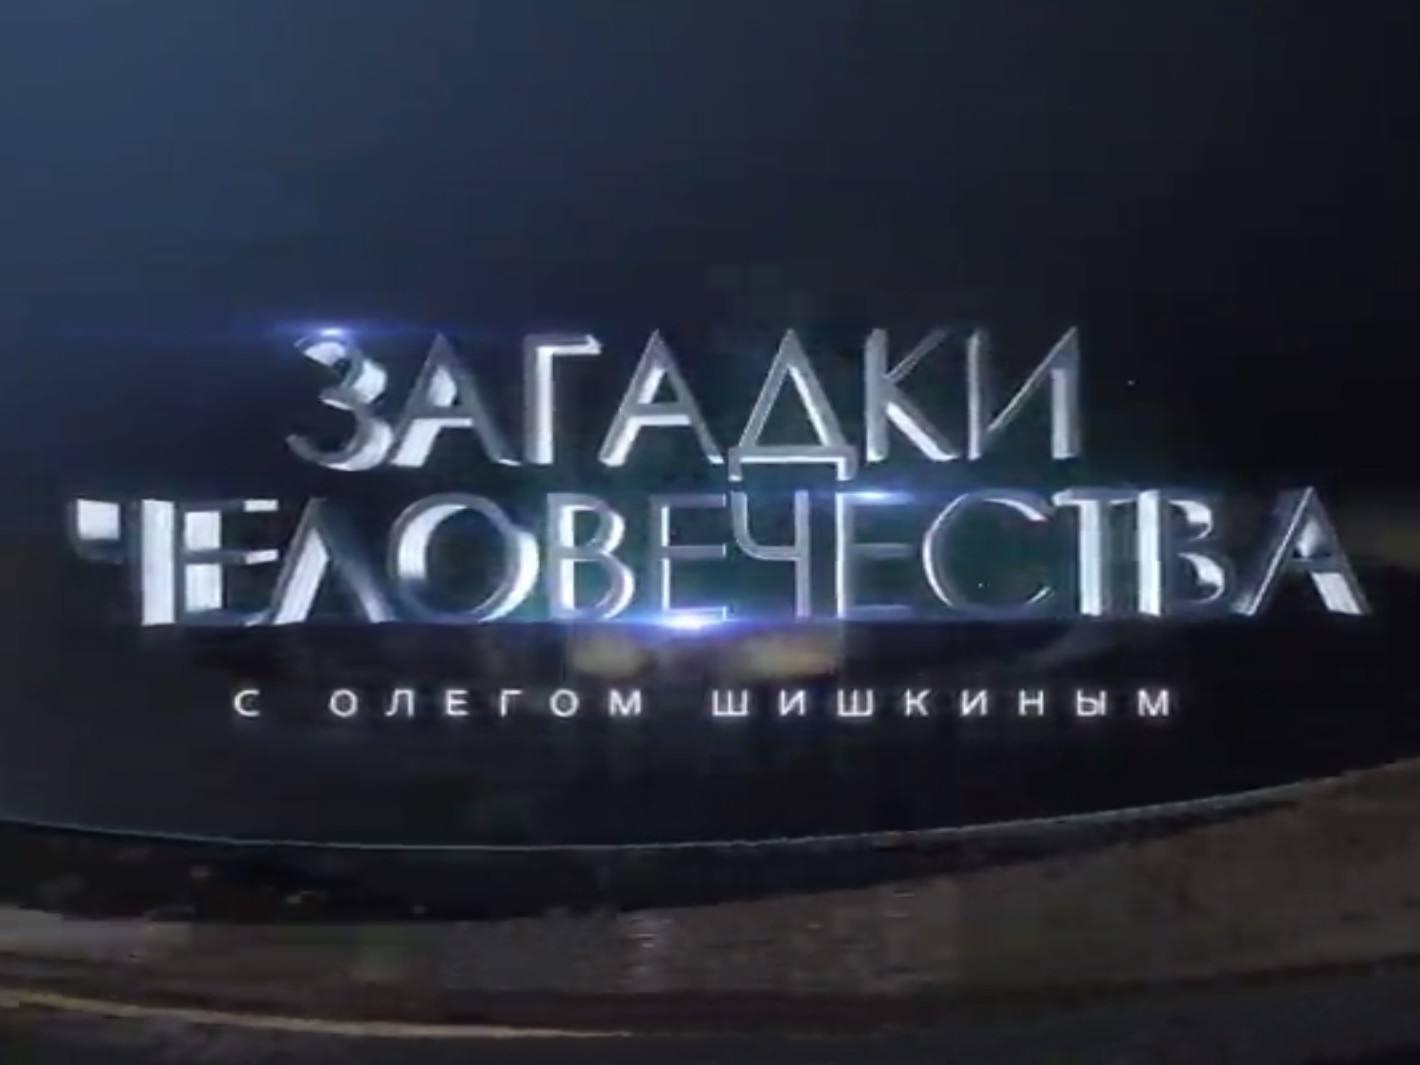 Загадки человечества с Олегом Шишкиным 436 серия в 13:00 на канале РЕН ТВ